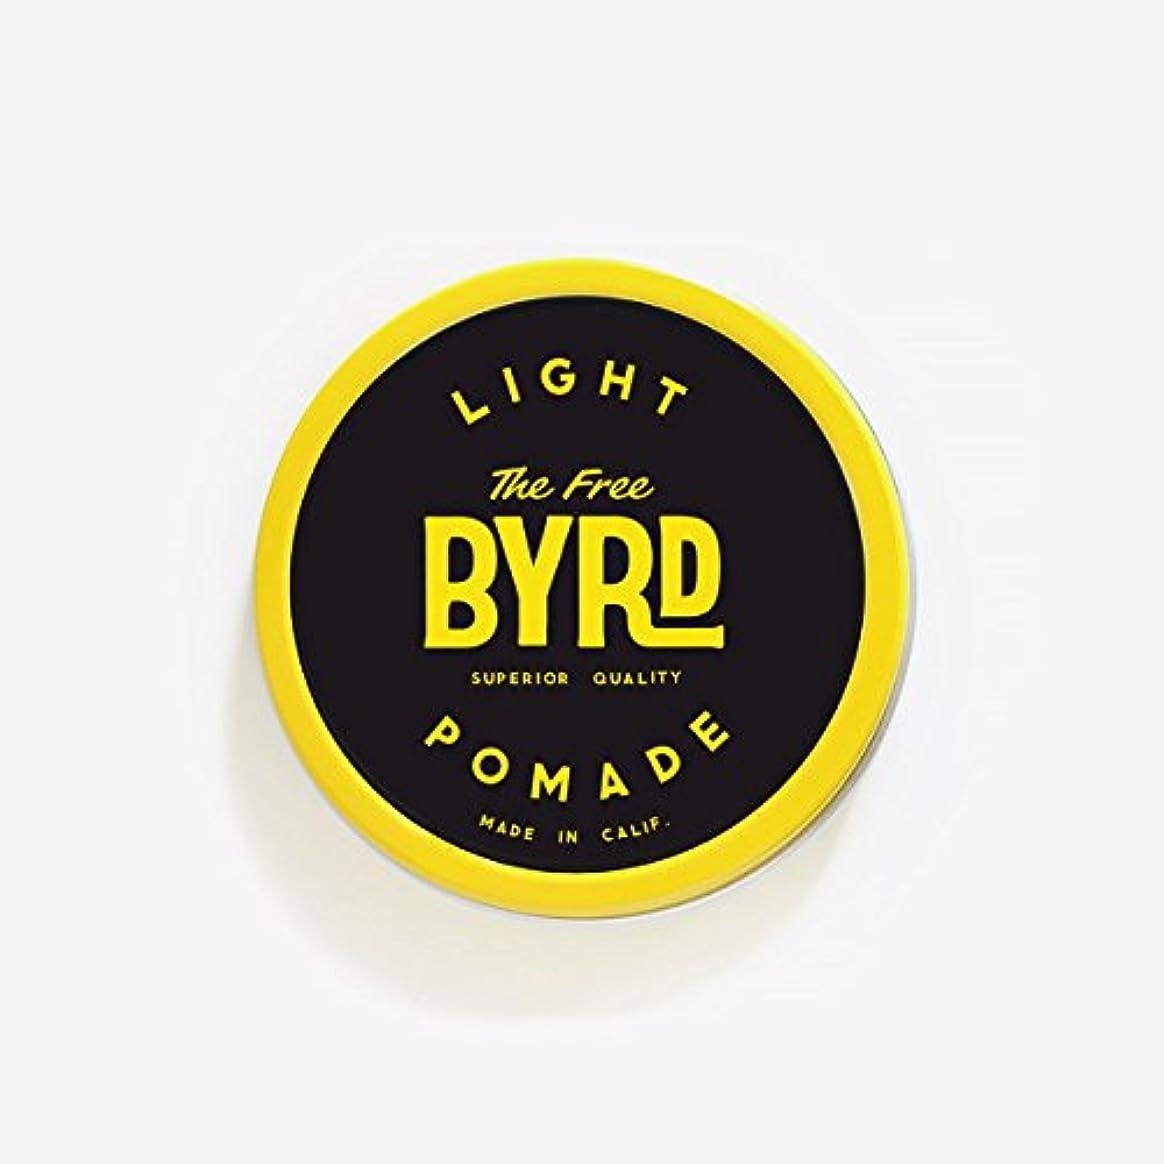 代数的ドライバアンケートバード(BYRD) カリフォルニア発ポマード288 LIGHT POMADE SMALL(スモールサイズ)ライトスタイルヘアワックスヘアスタイリング剤耐水性香料メンズ/レディース 【LIGHT】SMALL